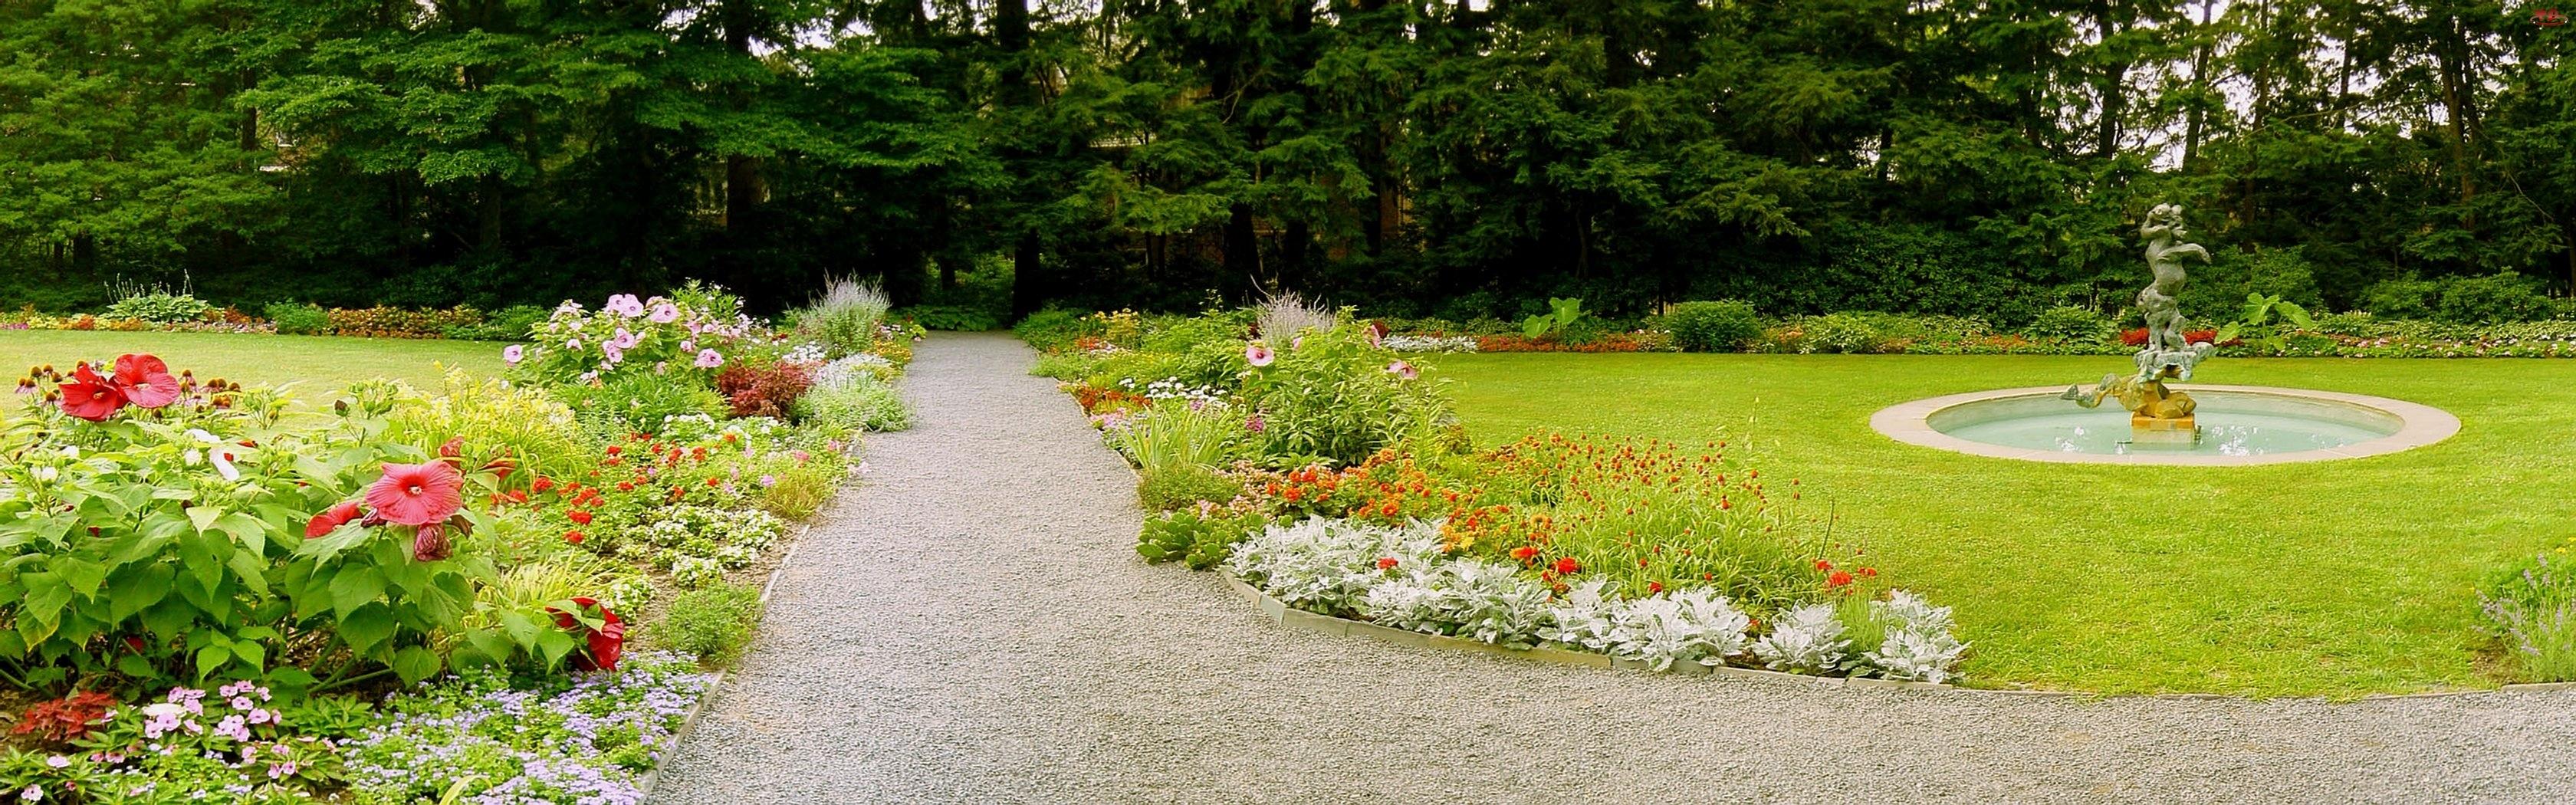 Ogród, Fontanna, Kwiaty, Zieleń